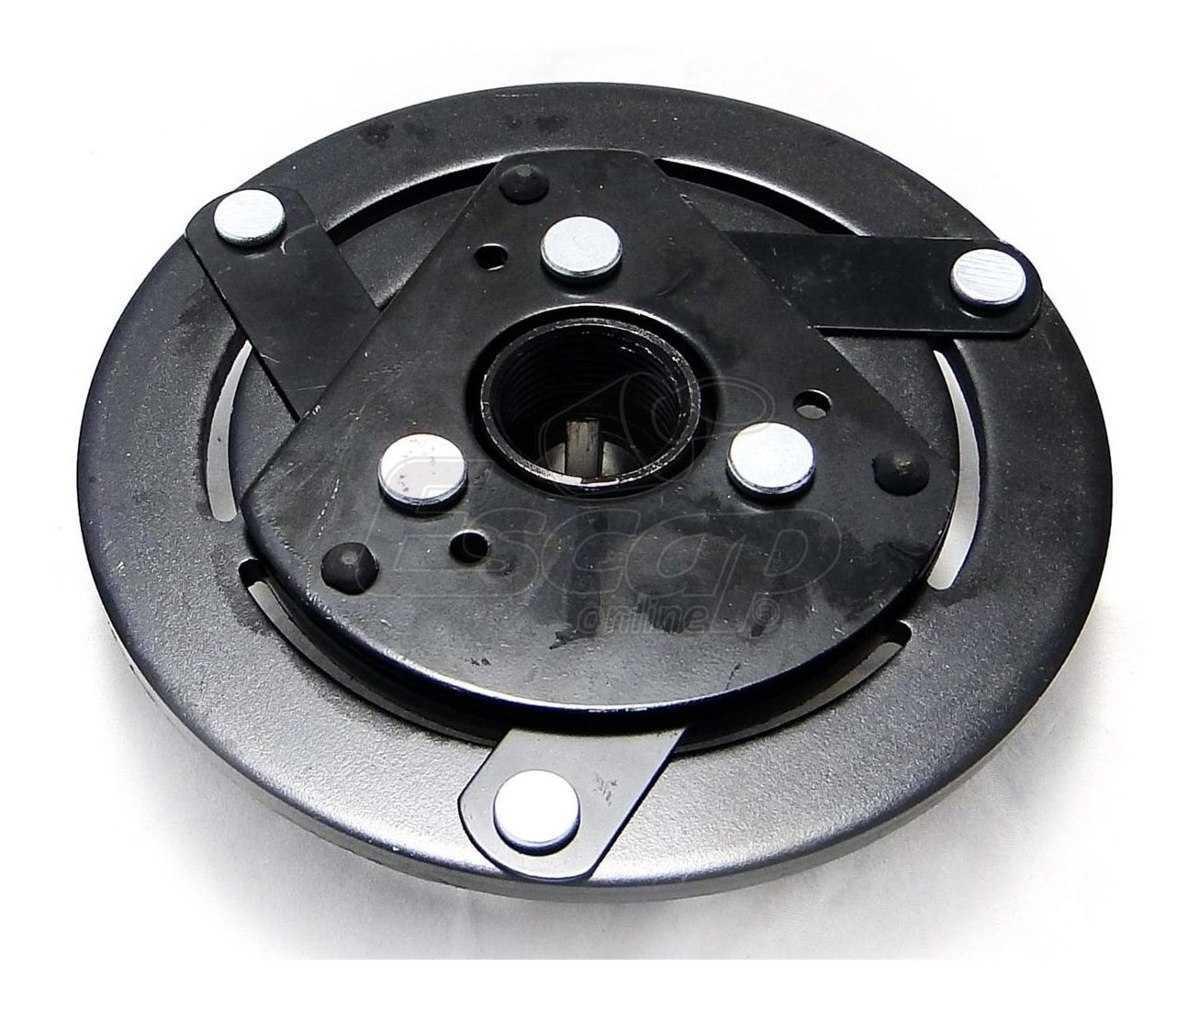 Embreagem Compressor - Vectra 9700 Compr. Harrison V5 Vectra 97>00 Compr. Harrison V5